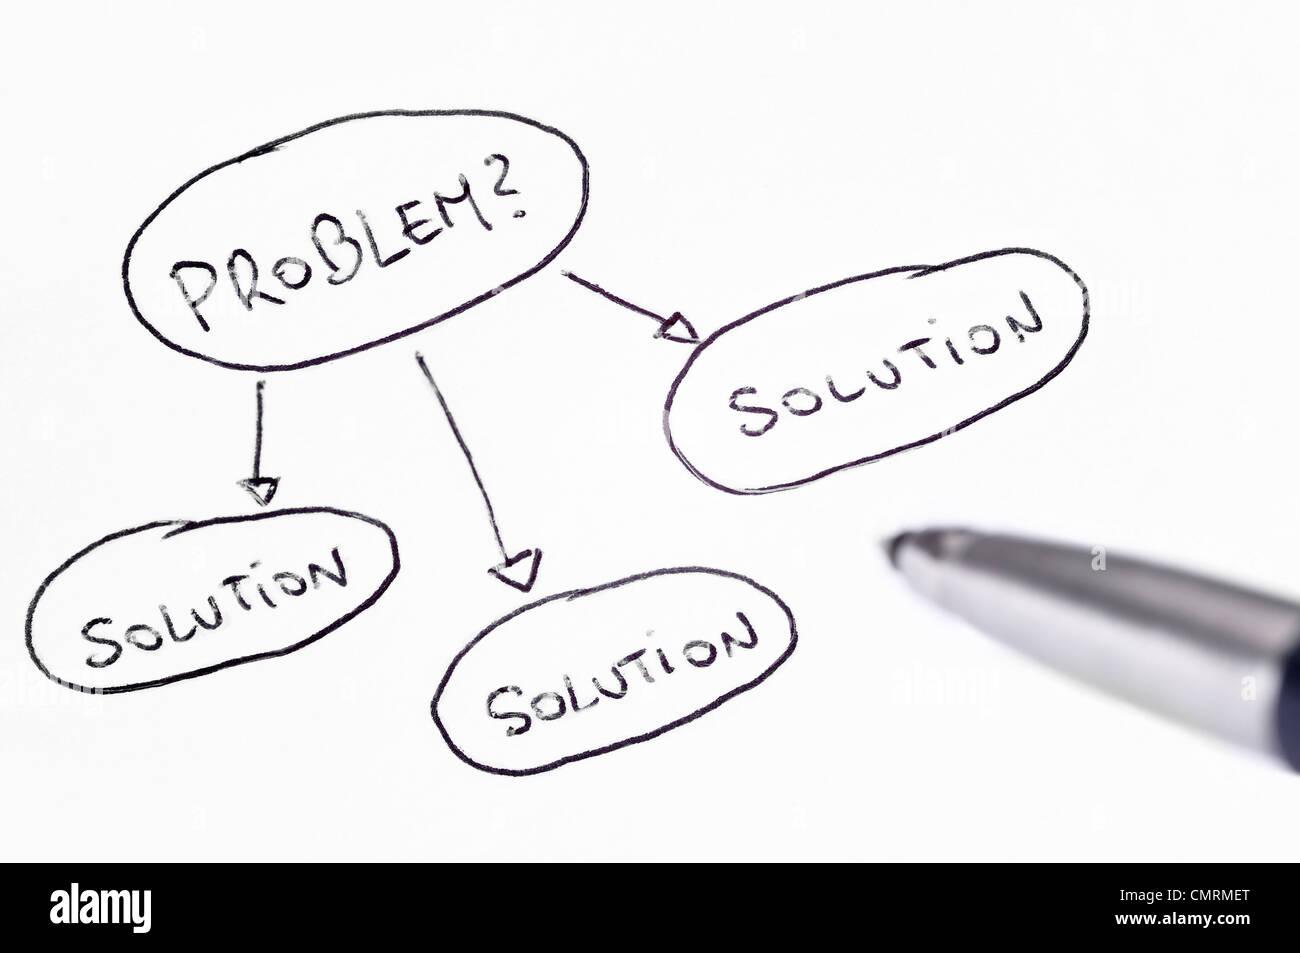 Problema e soluzione schema scritto a mano con una penna a lato Immagini Stock